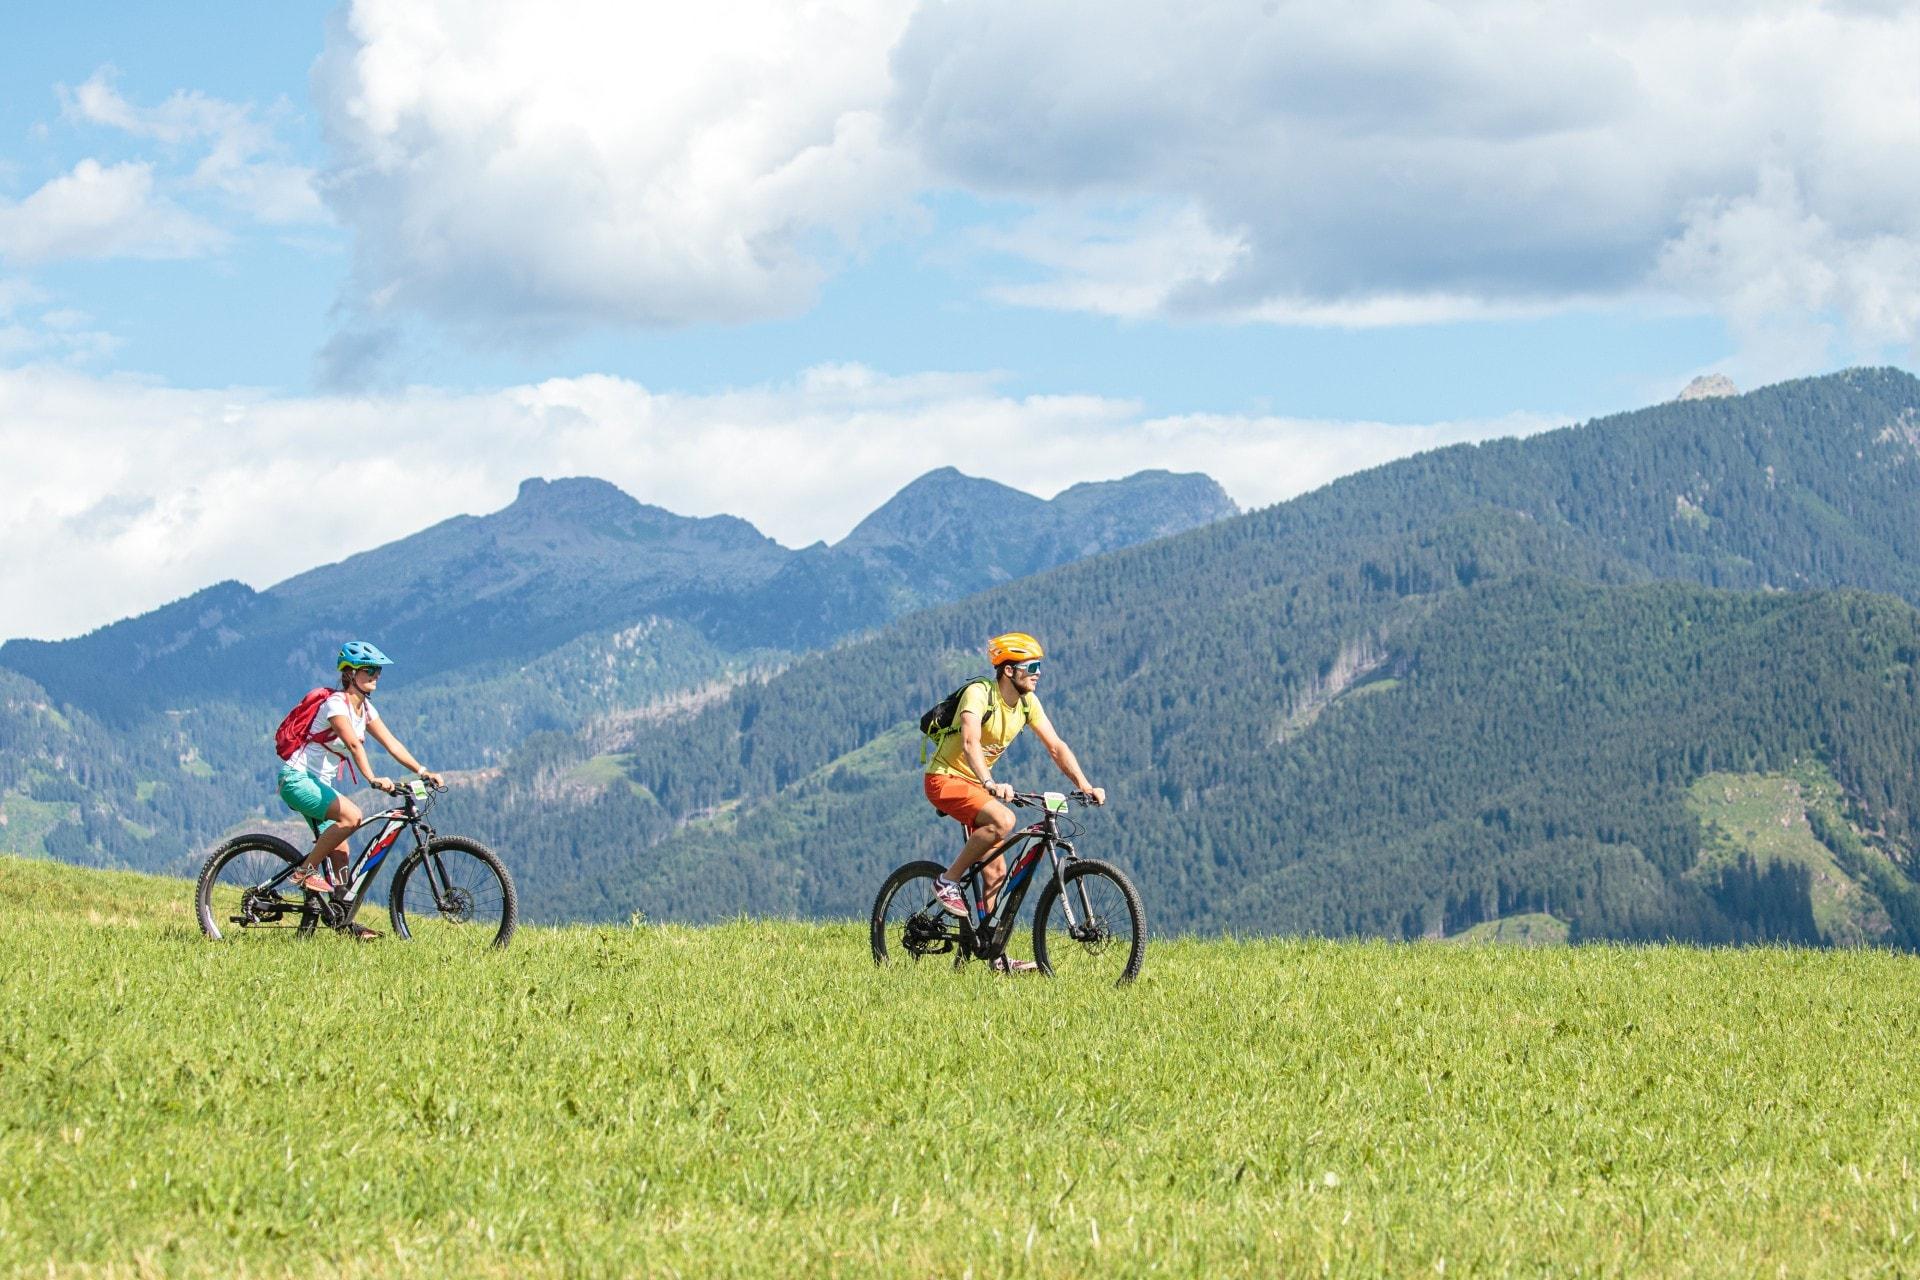 Tra le attività da praticare in Val di Fiemme, i tour in mountain bike